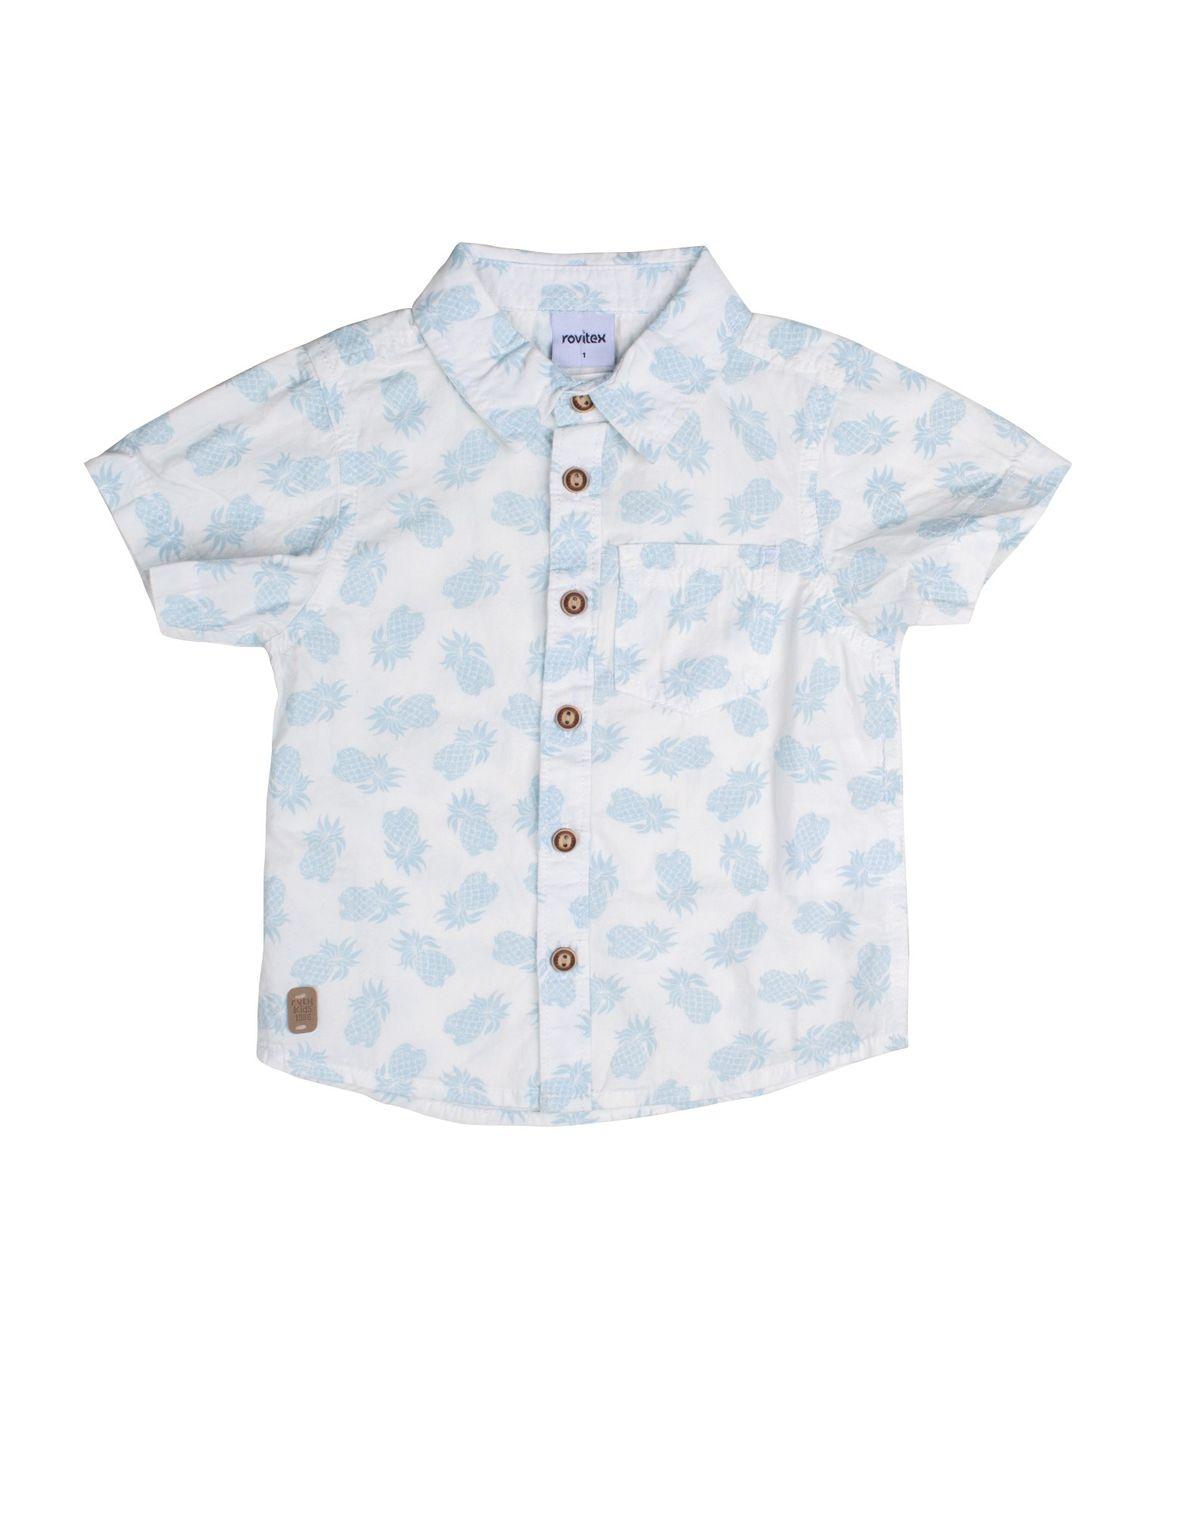 2050005860206-Camisa-Bebe-Menino-Estampa-Abacaxi-OFF-WHITE-1-1